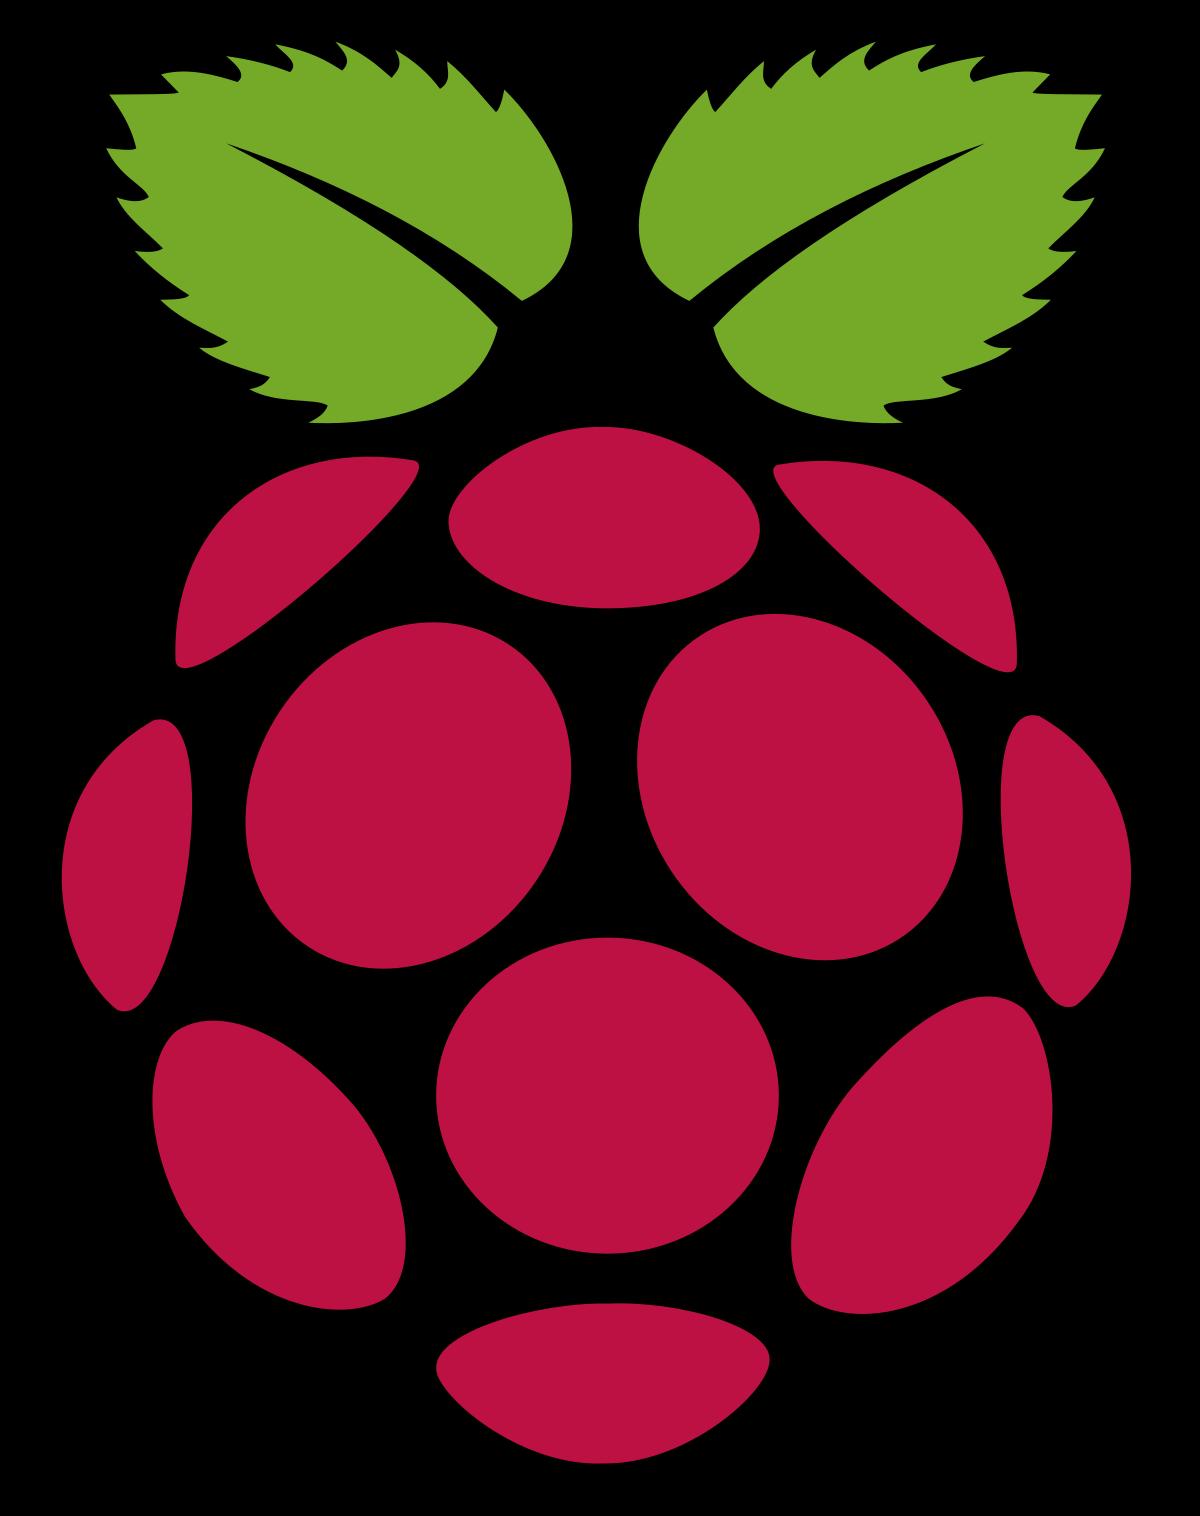 Programmieren lernen mit dem Raspberry Pi Logo